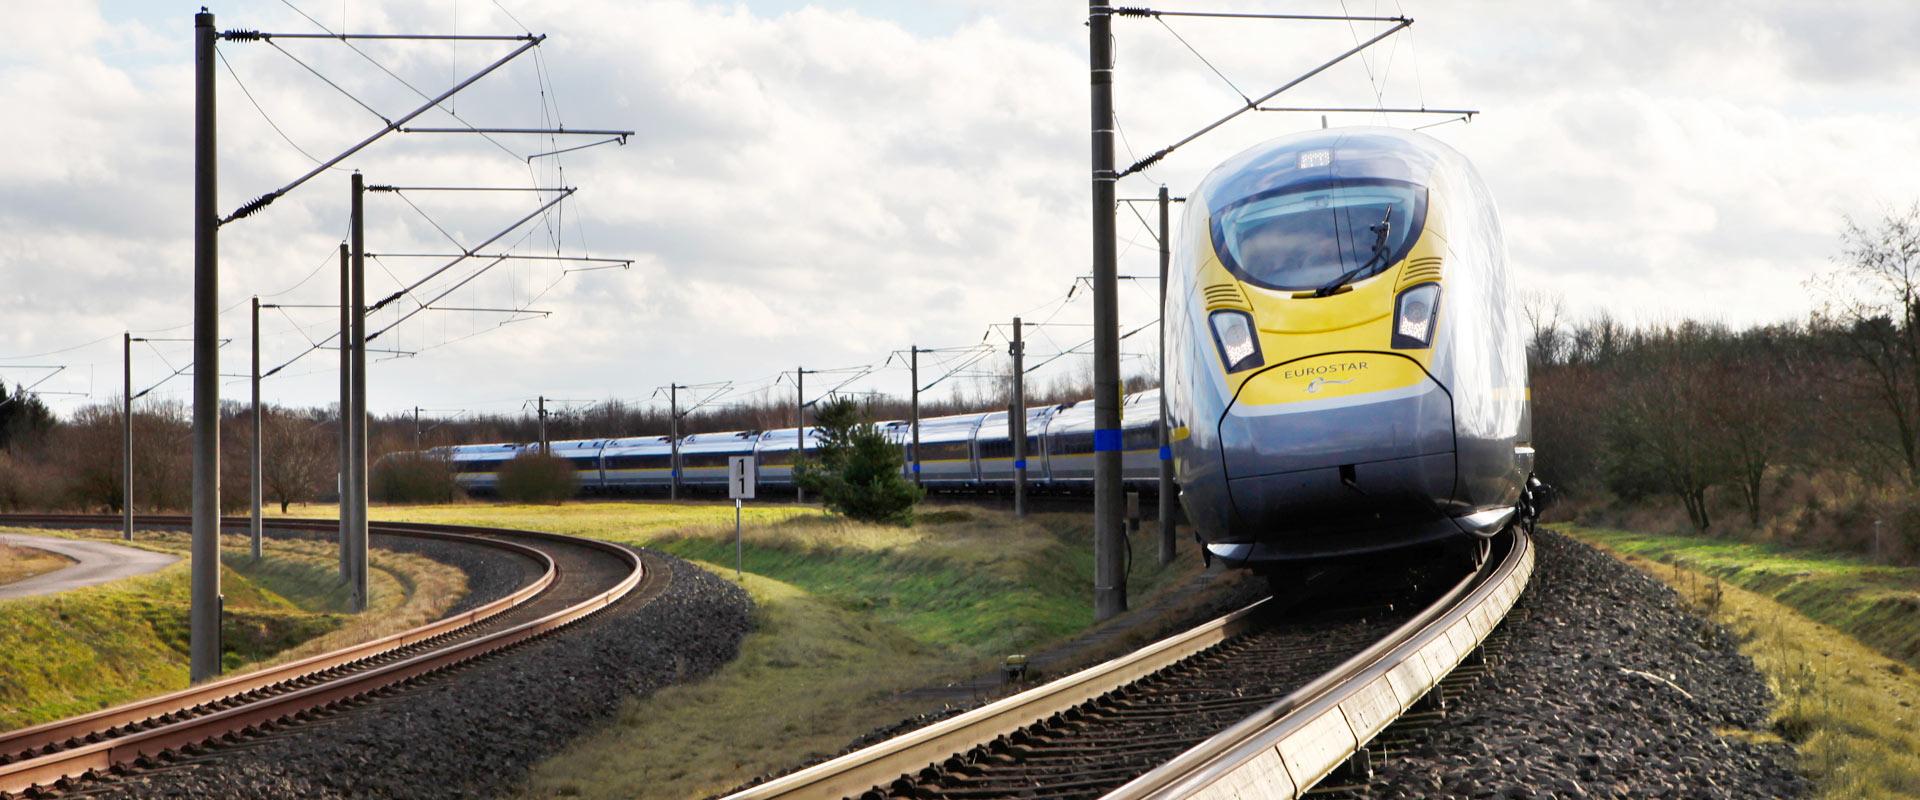 Trem de Londres para Amsterdam